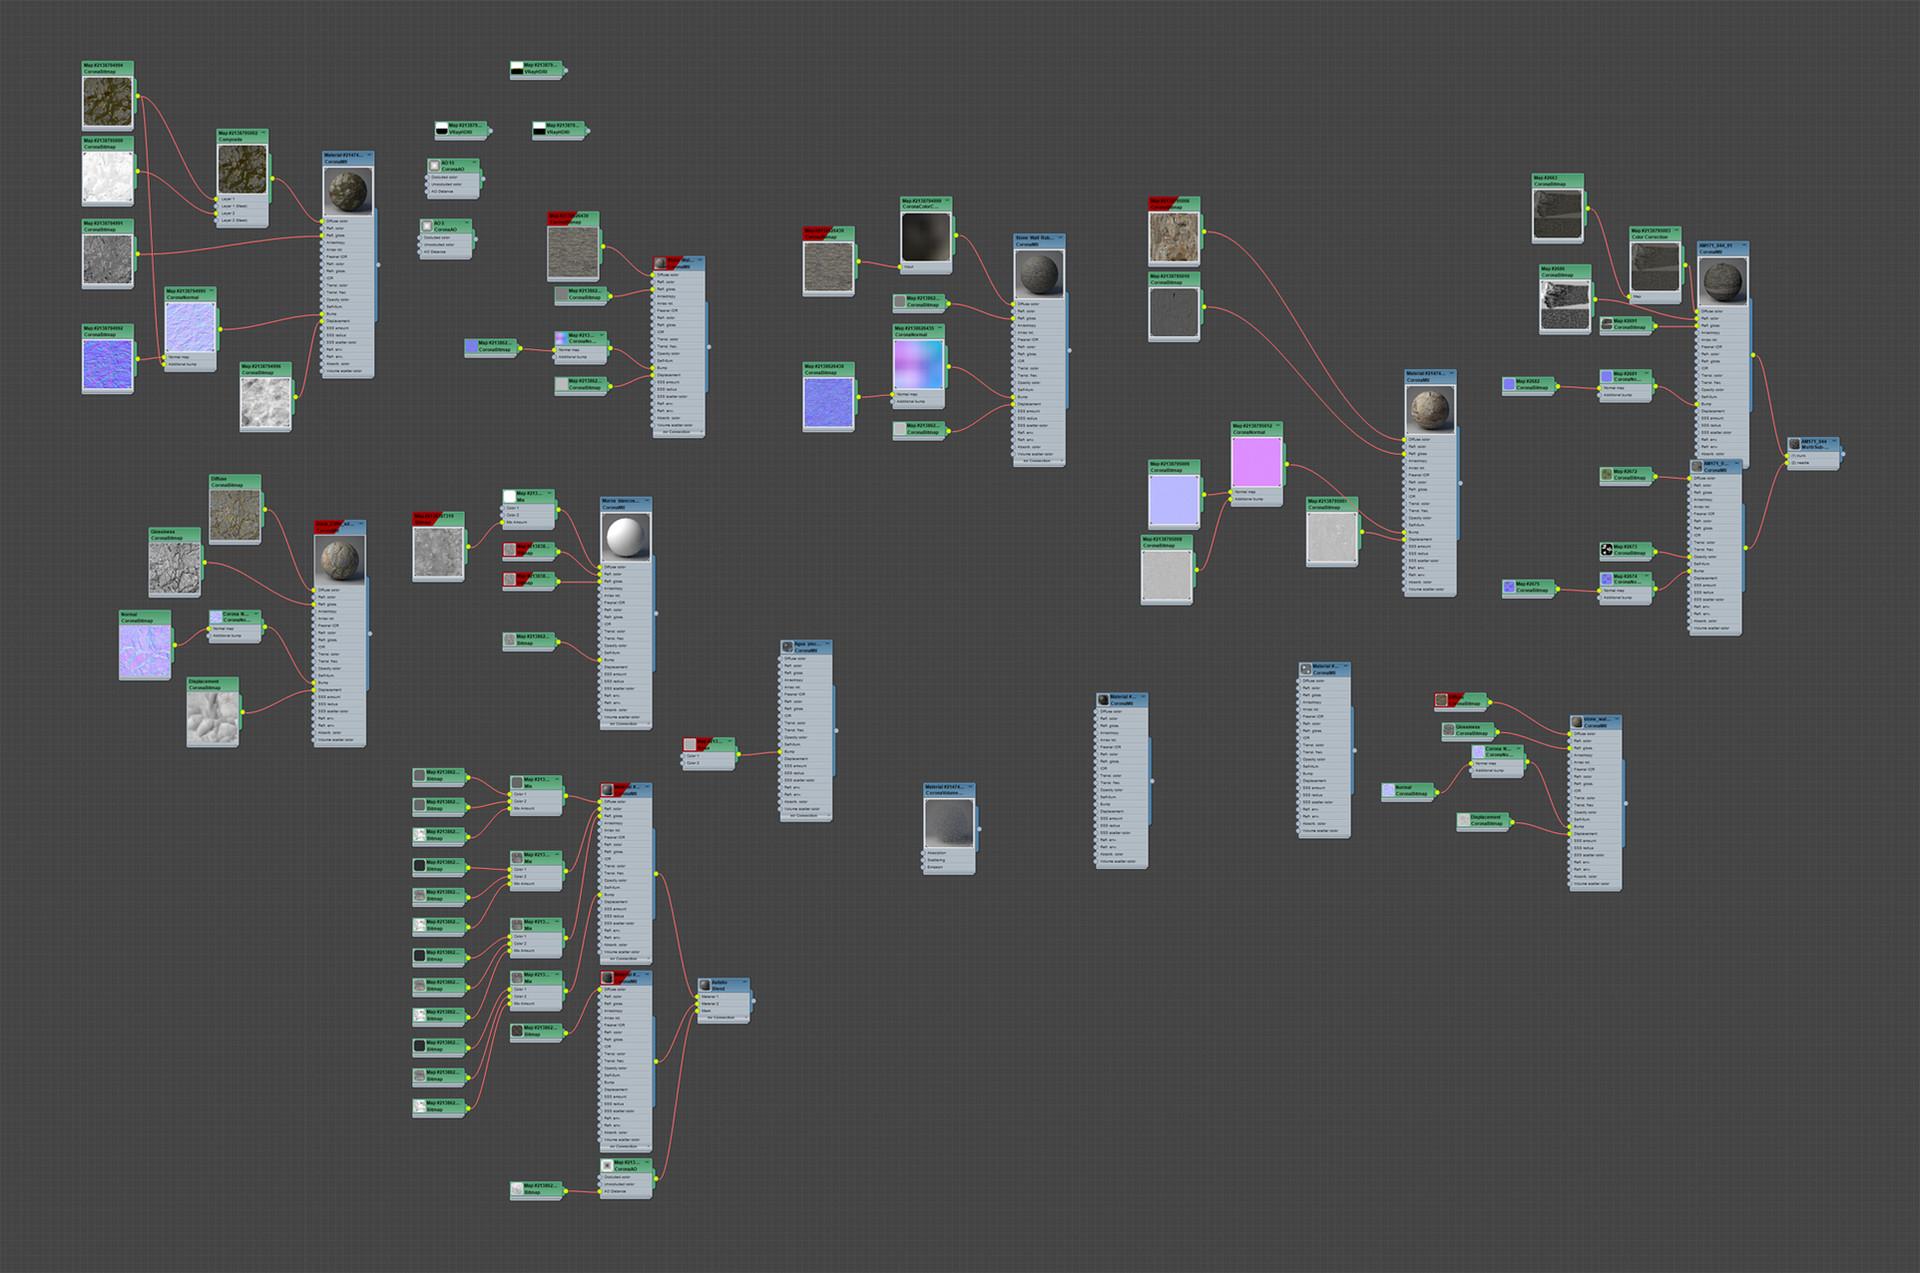 Overall scene materials